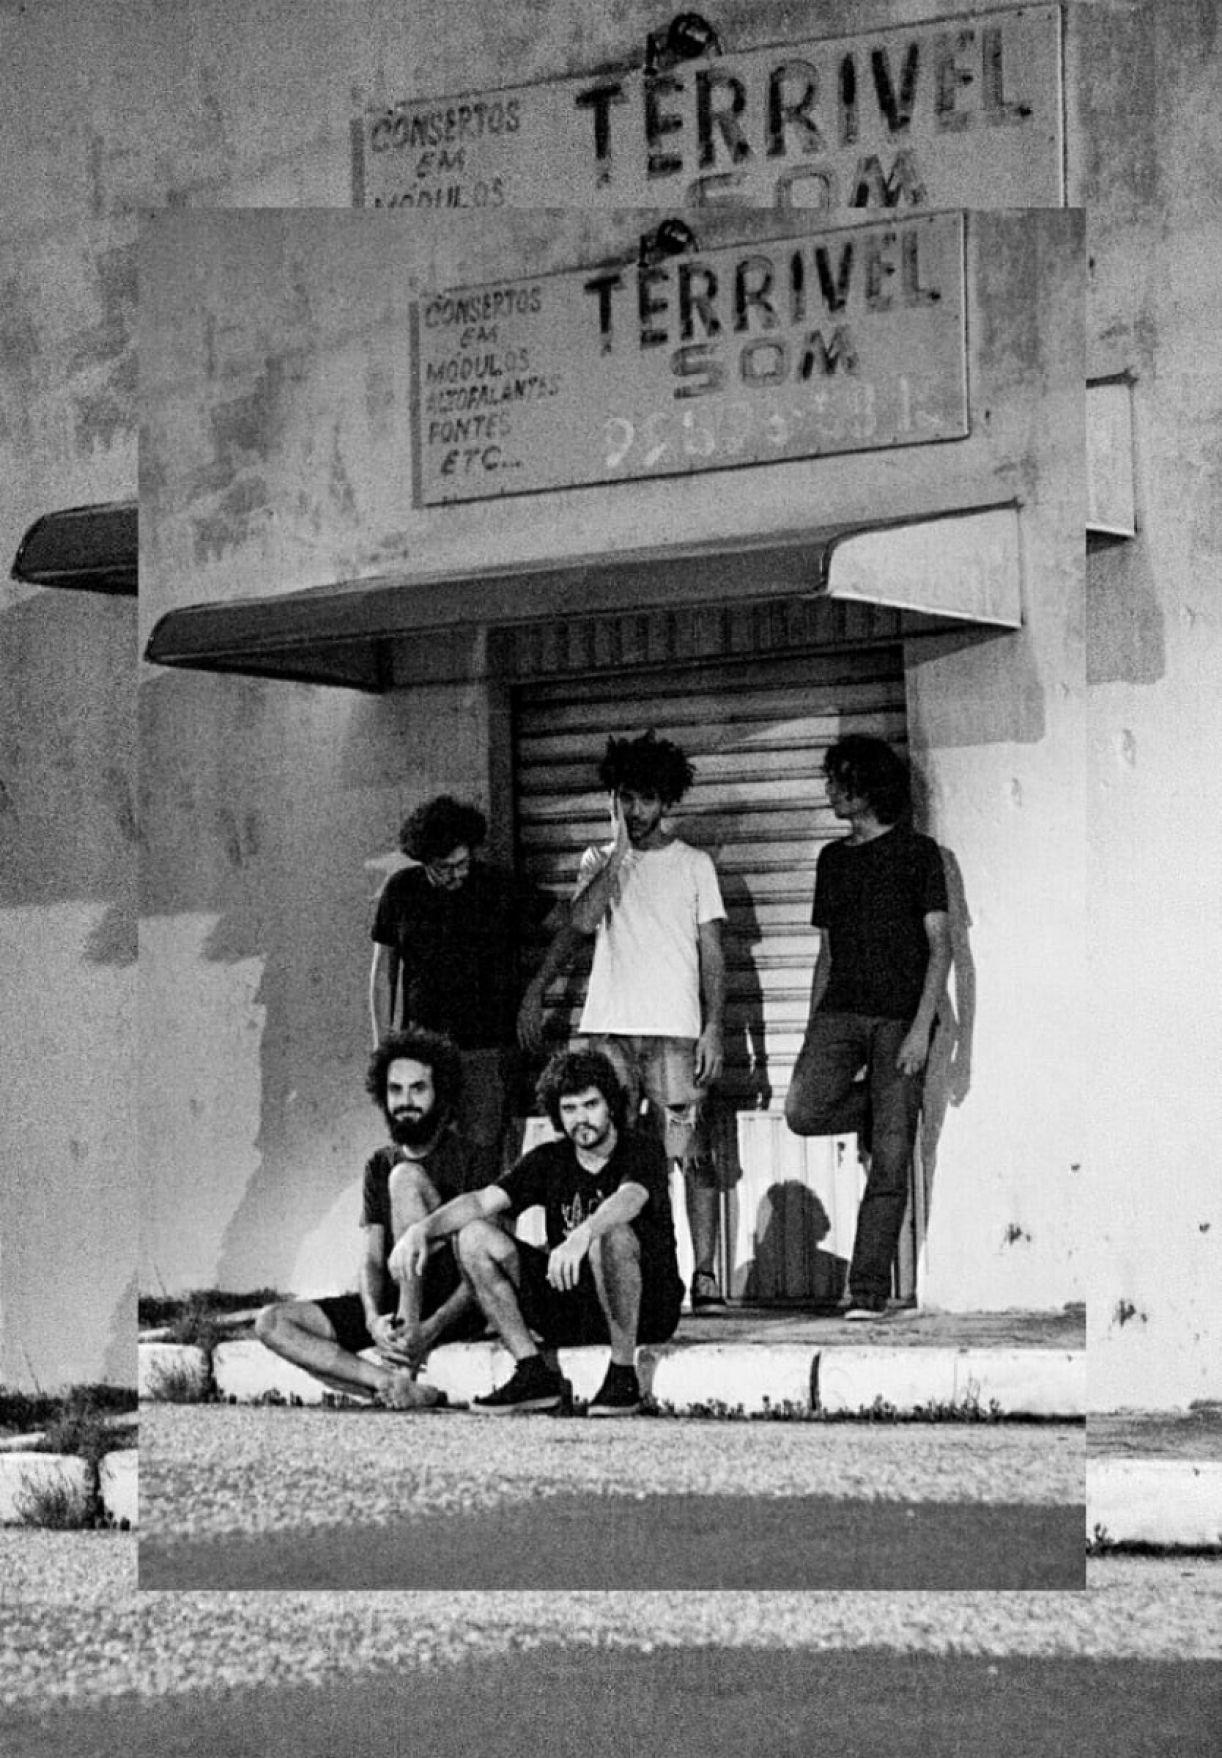 Os integrantes da Madame Javali – Fábio Barros, Luno Torres, Gabriel Perninha, Allan Jonnes e João Mário